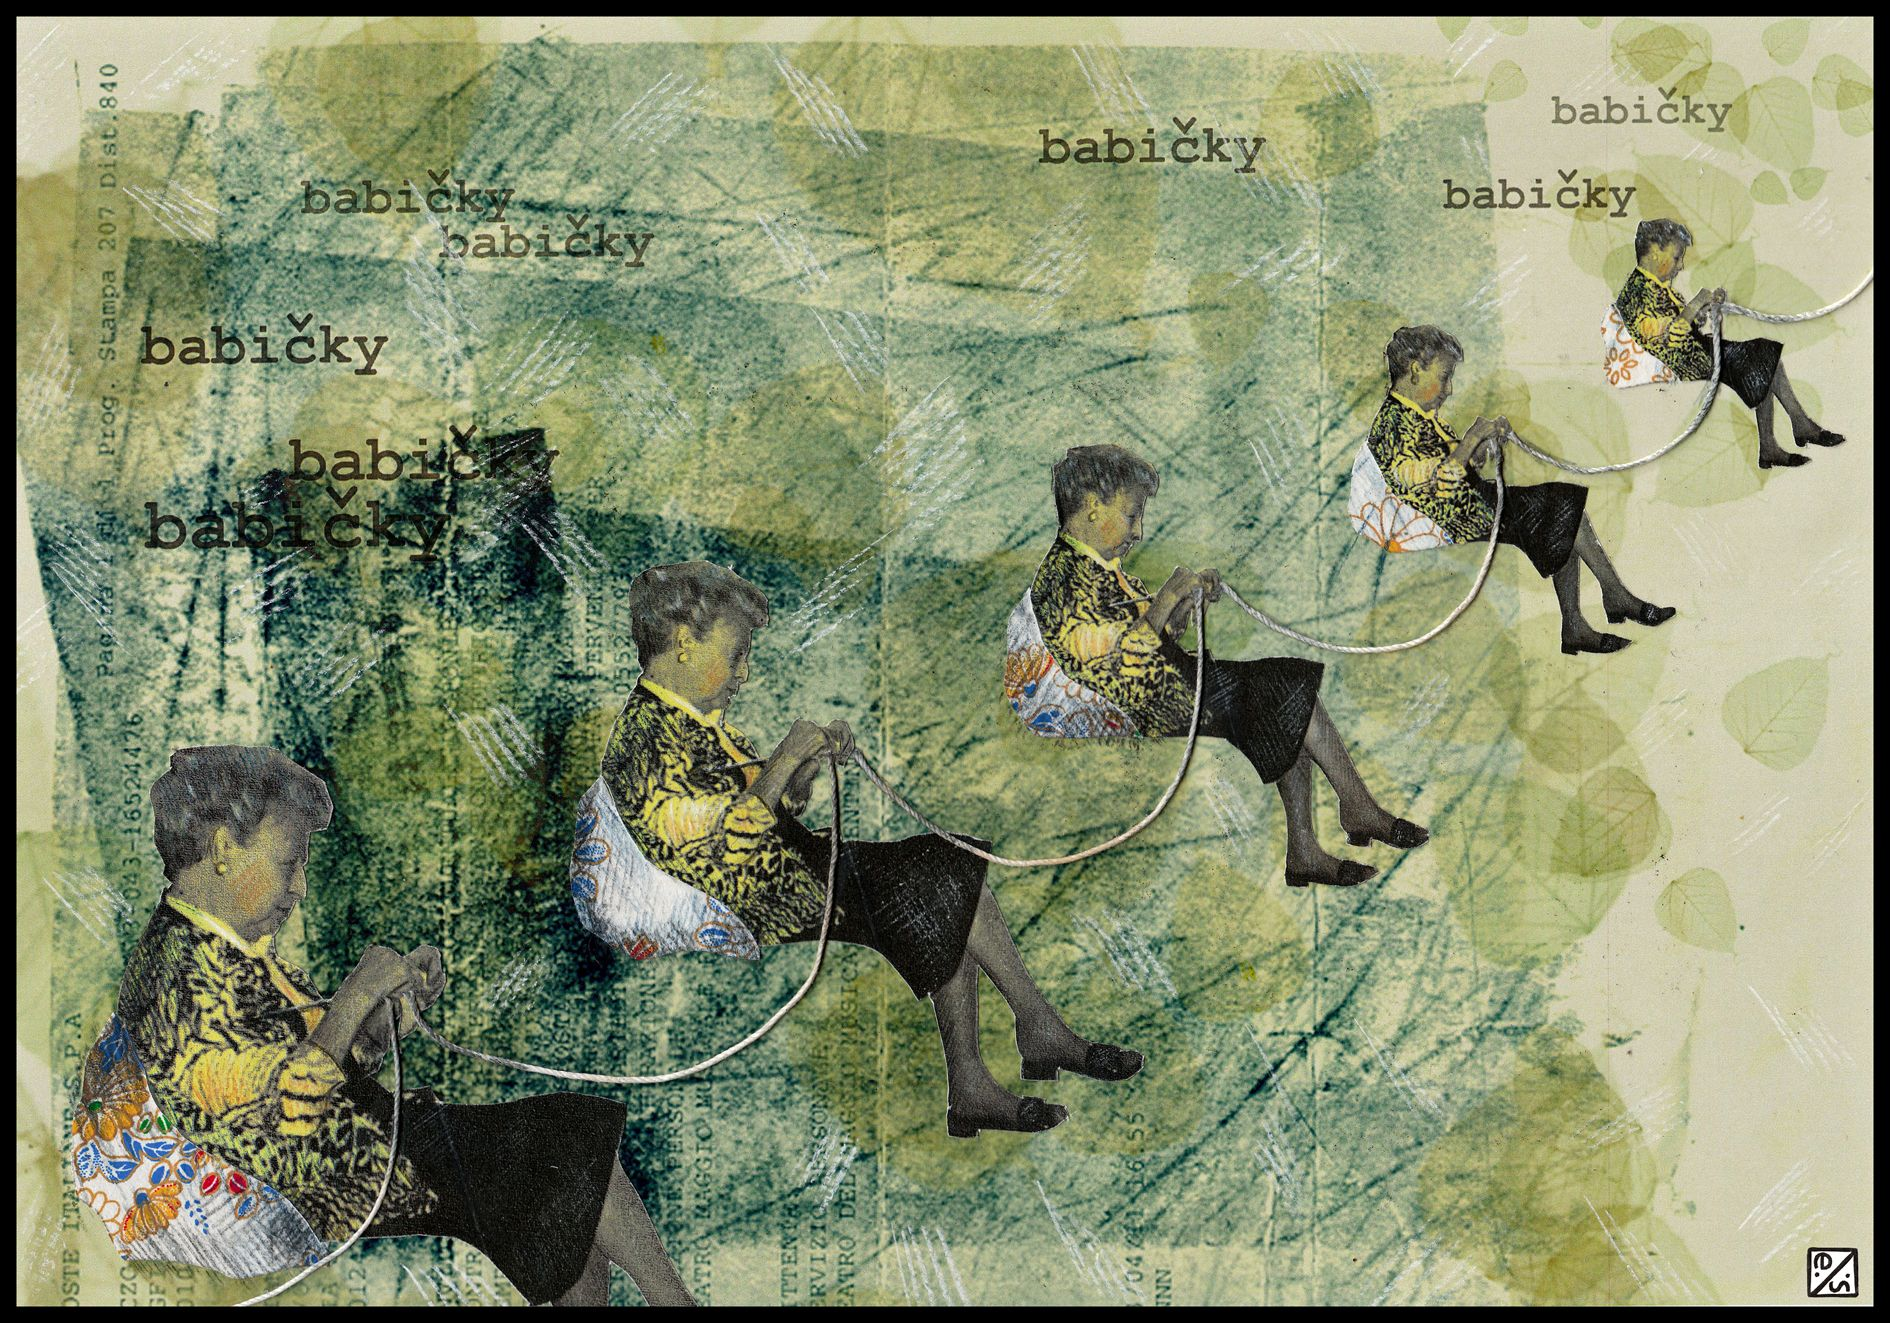 """Eleonora Spezi """"Nonne"""", collage, matita, computer graphic, 2011"""